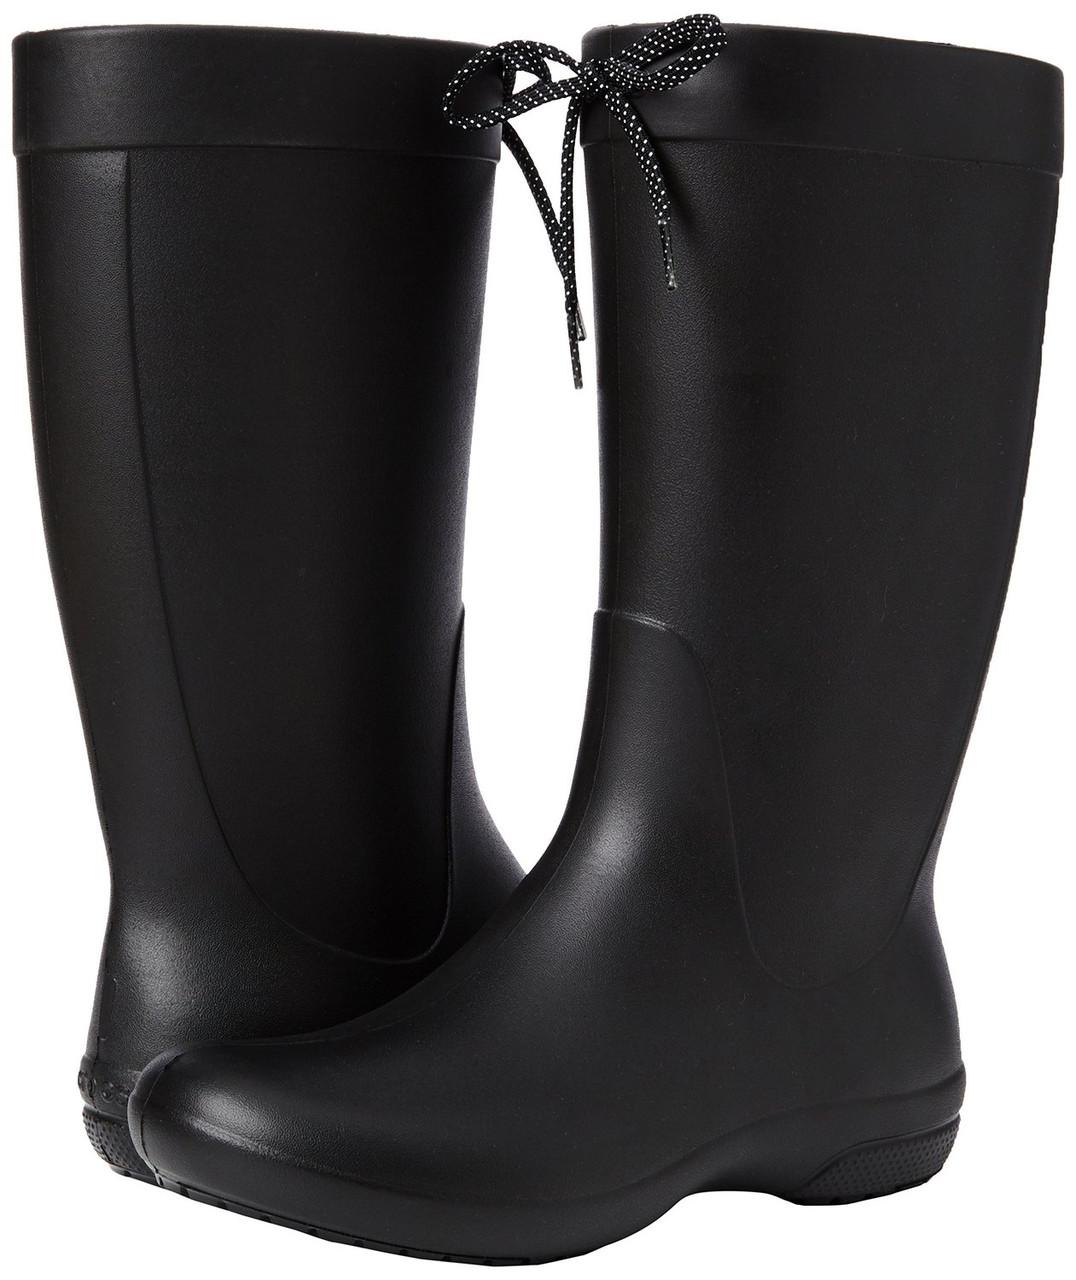 Женские резиновые сапоги Крокс Crocs Women's Freesail Rain Boot